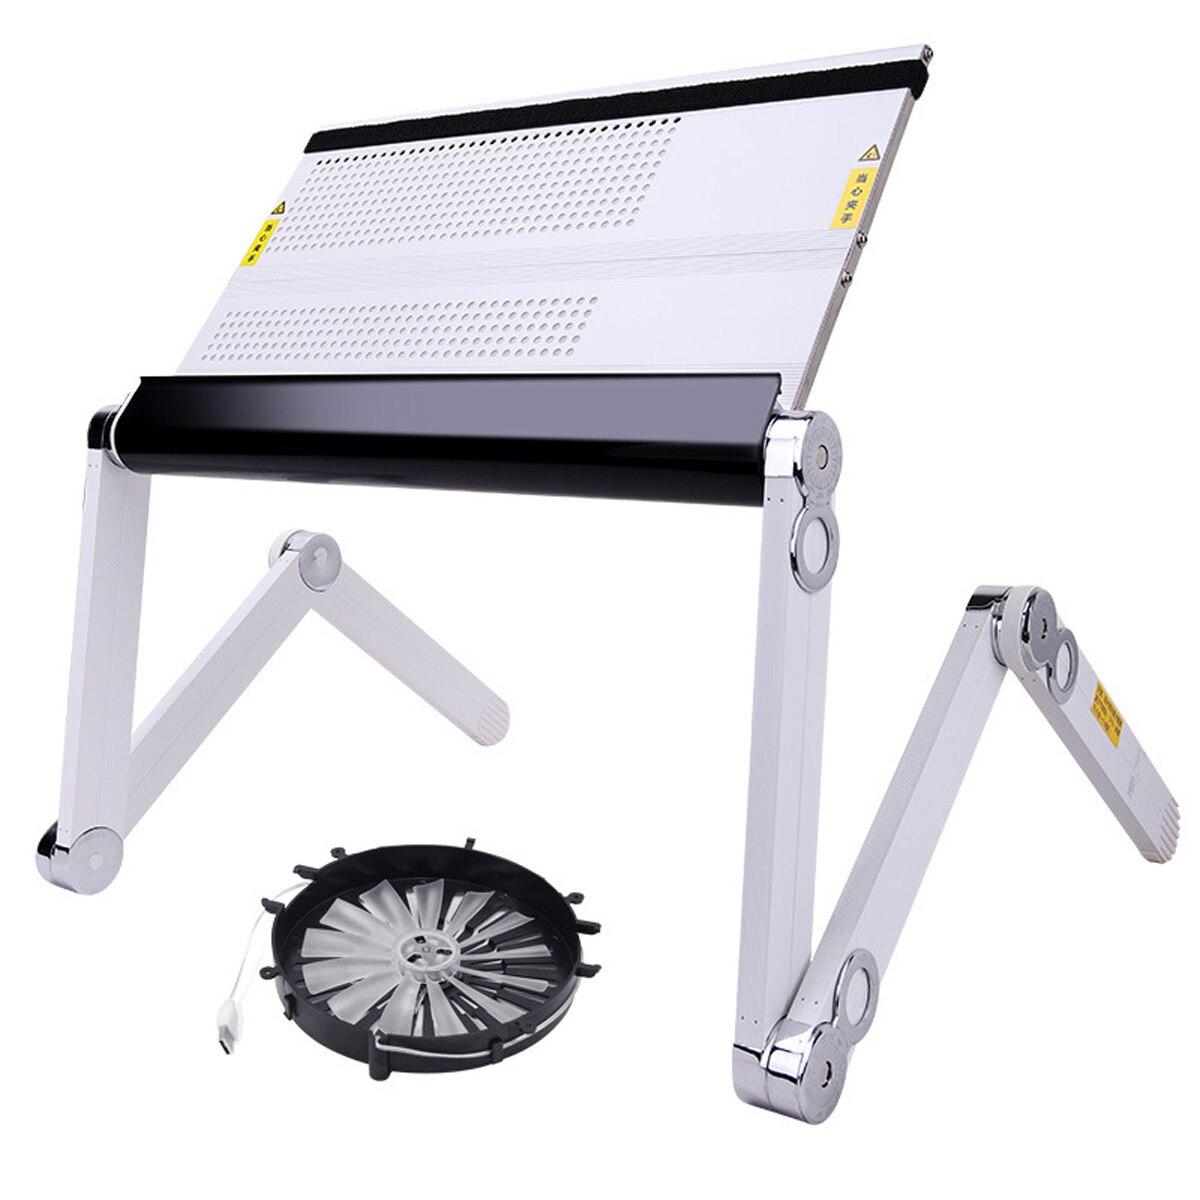 Ordinateur portable adapté avec ventilateur de refroidissement réglable 360 degrés pliant ordinateur portable bureau Table support plateau pour lit et canapé - 6